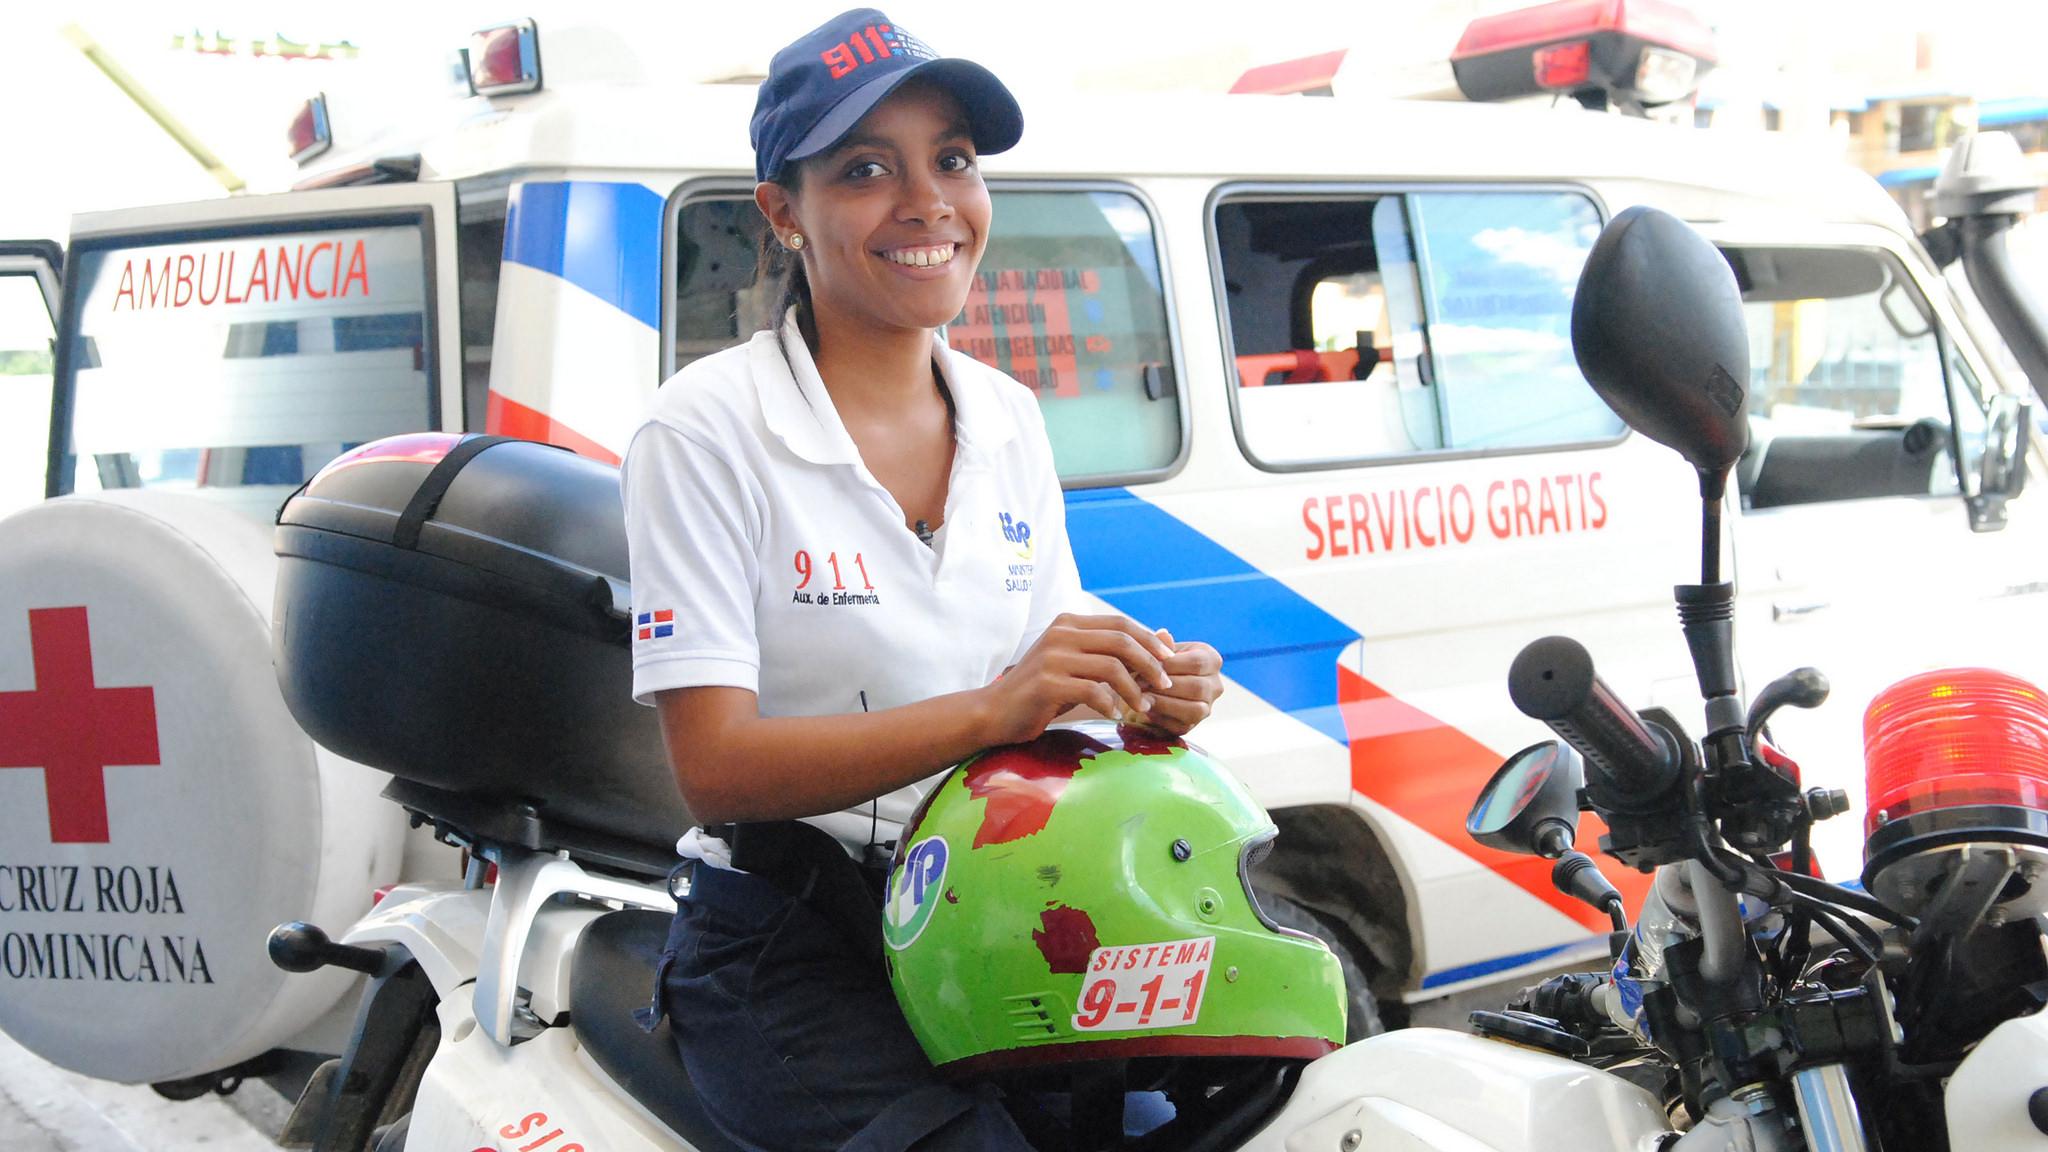 El 911, oportunidad de empleos dignos para jóvenes